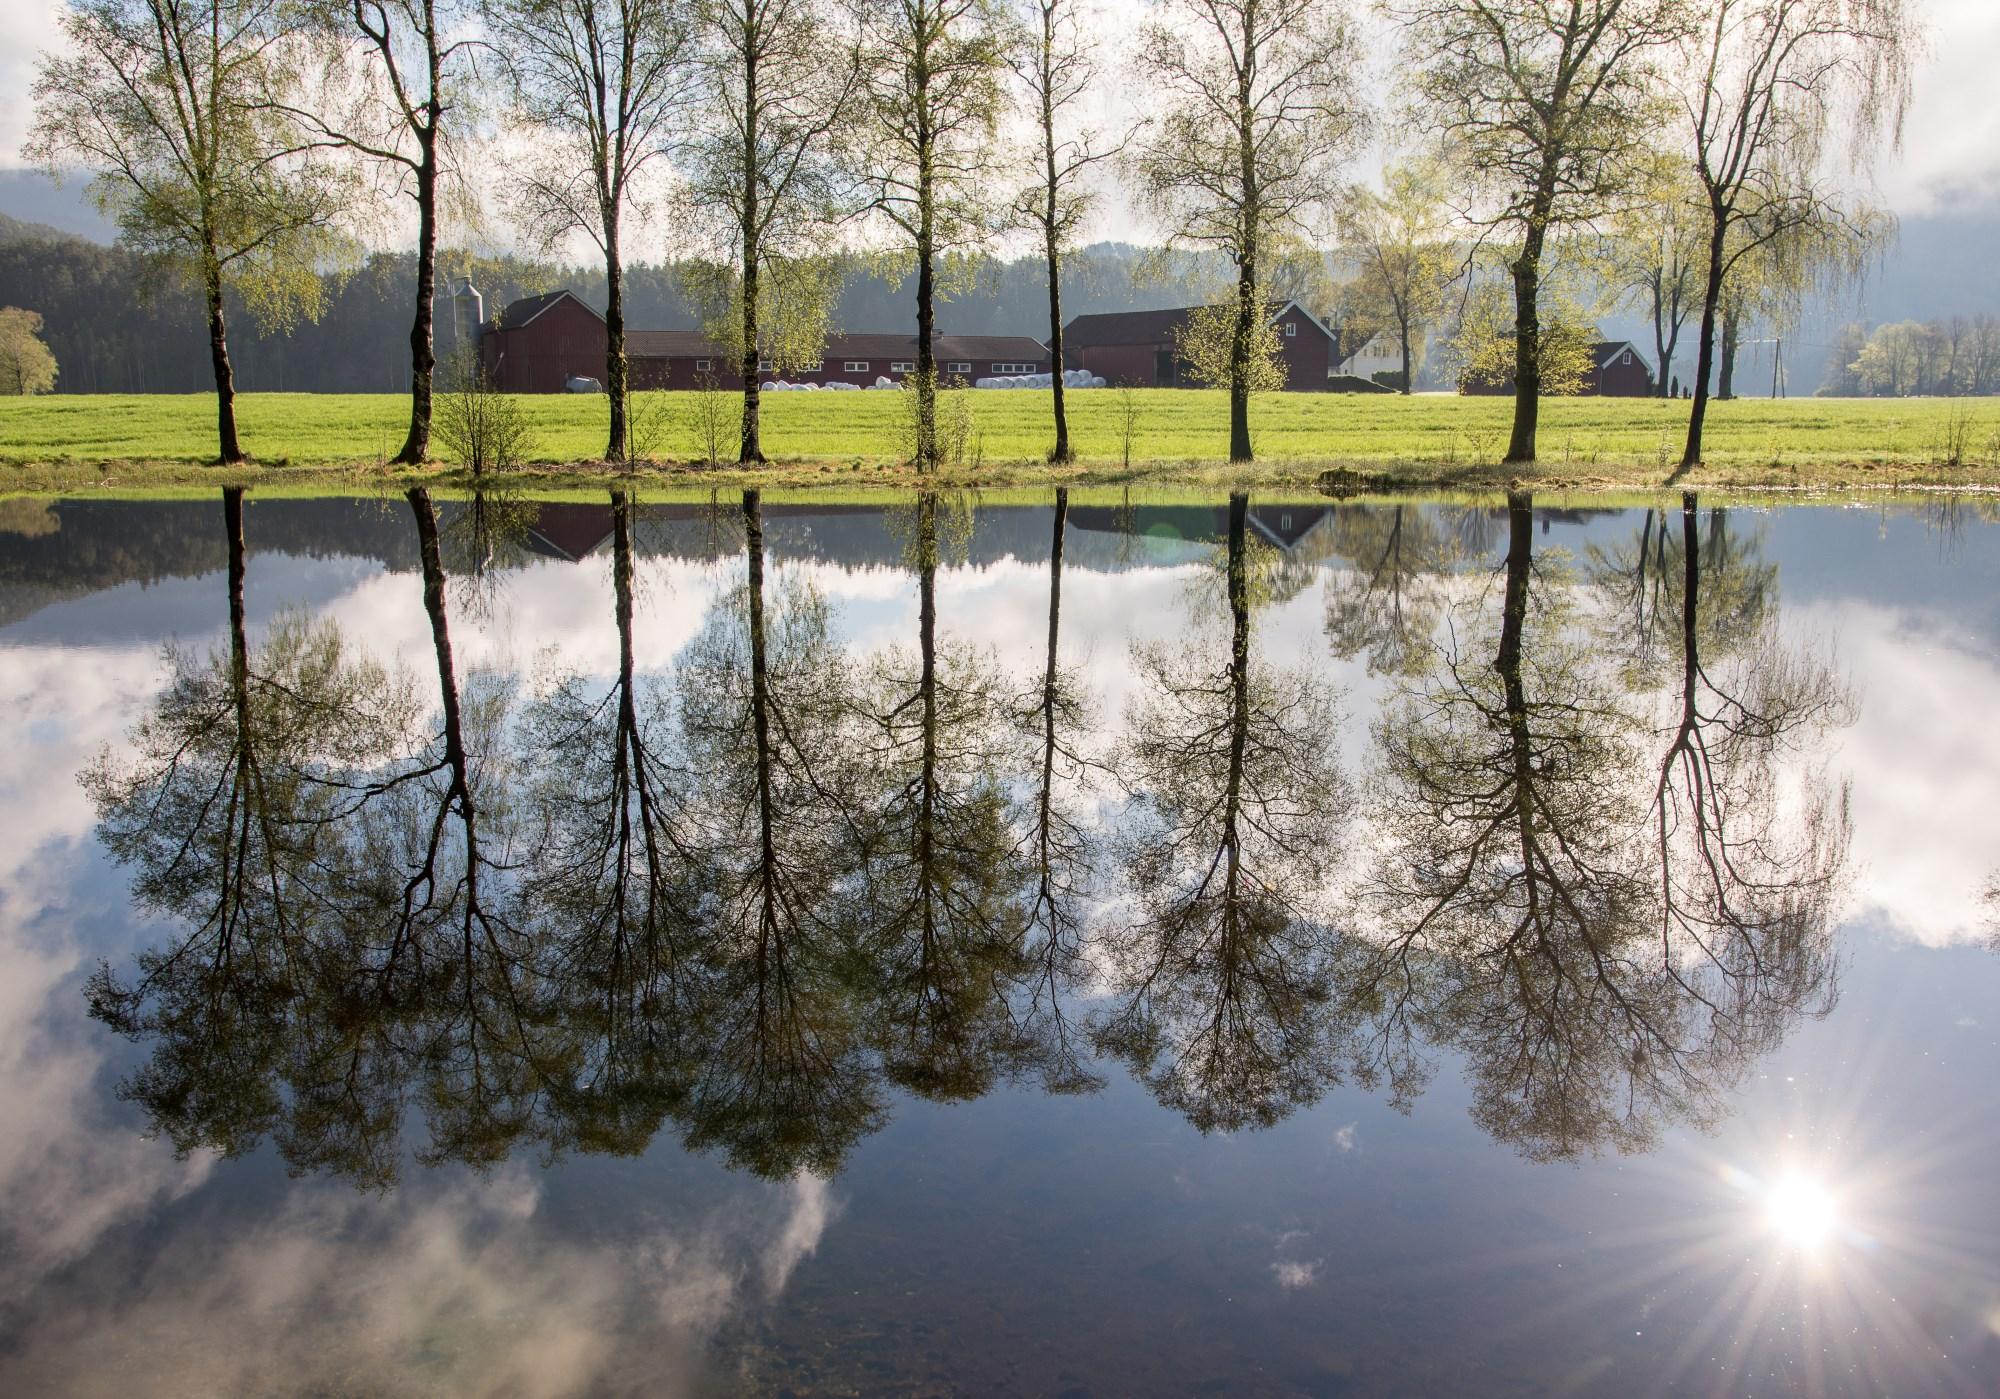 Picture of Ritlandsvatnet